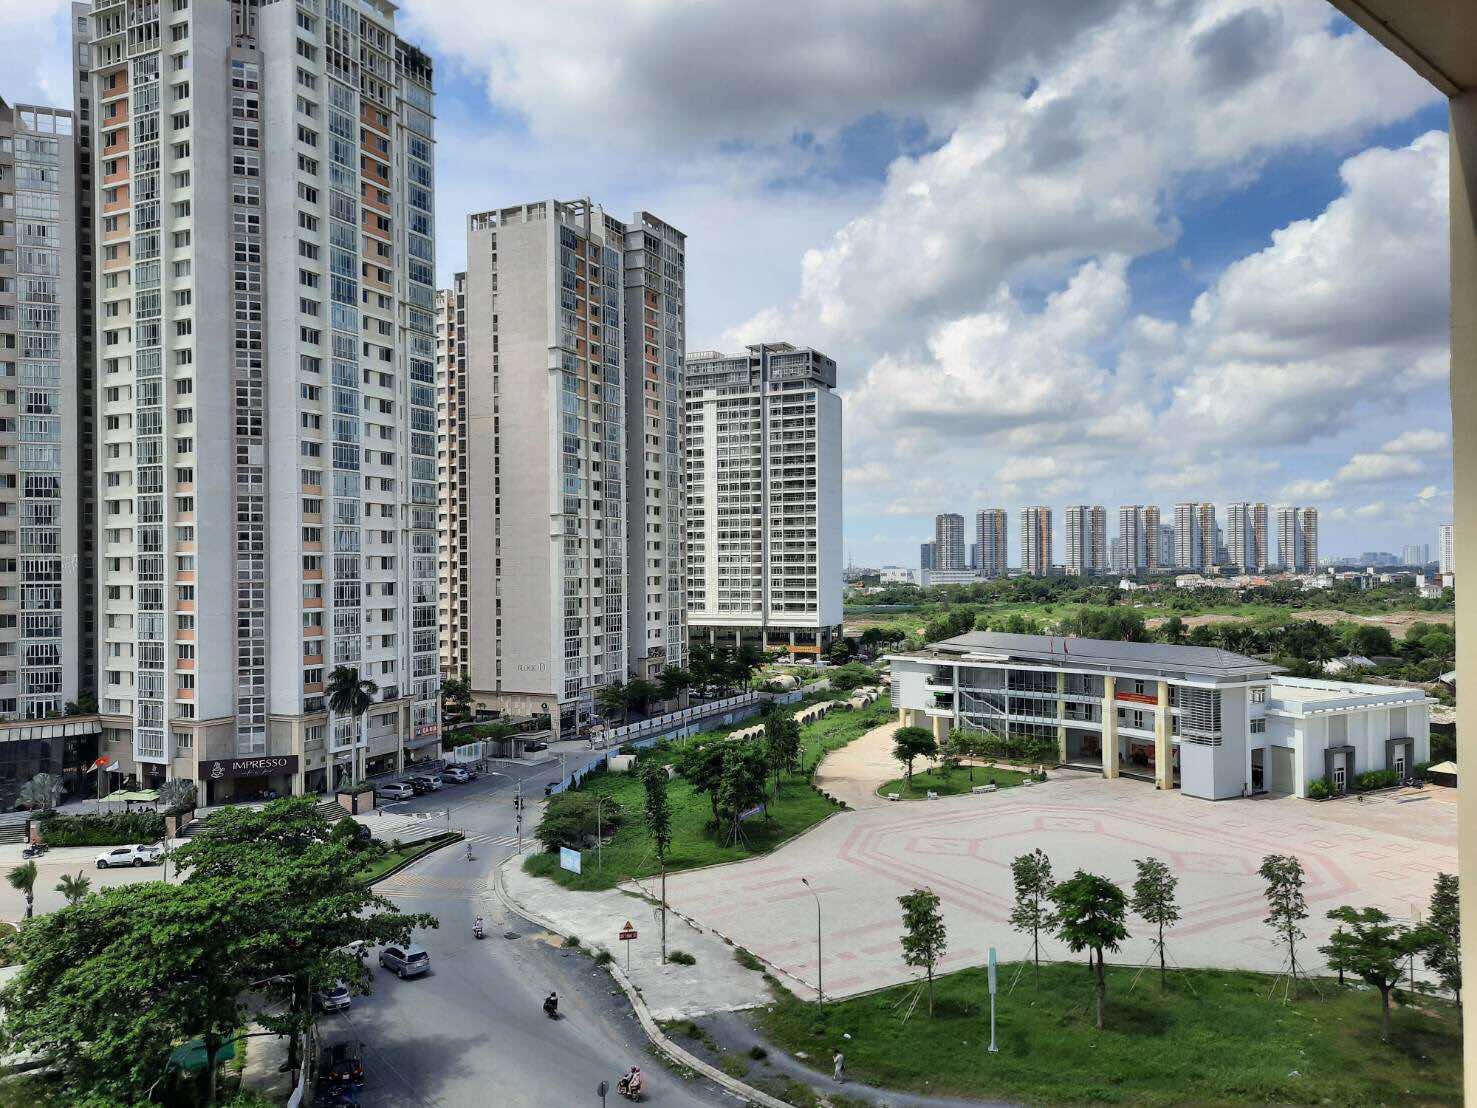 Chuyên giao dịch căn hộ The Estella, 2PN Giá 5,5 tỉ, 3PN Giá 7-9 tỉ. LH 0909988697